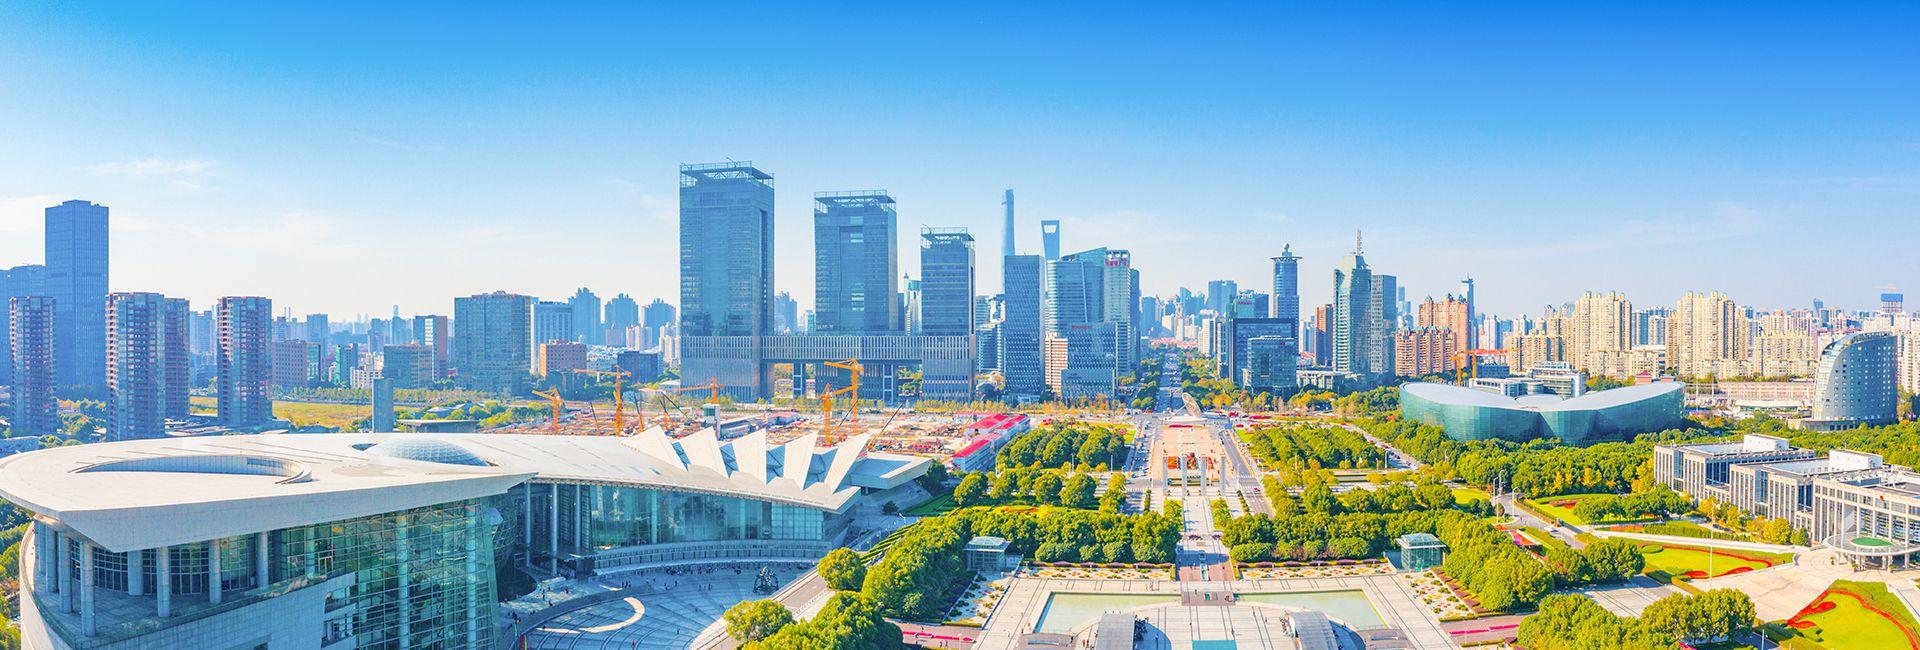 72h du lịch Thượng Hải: Nên đi đâu và trải nghiệm gì?